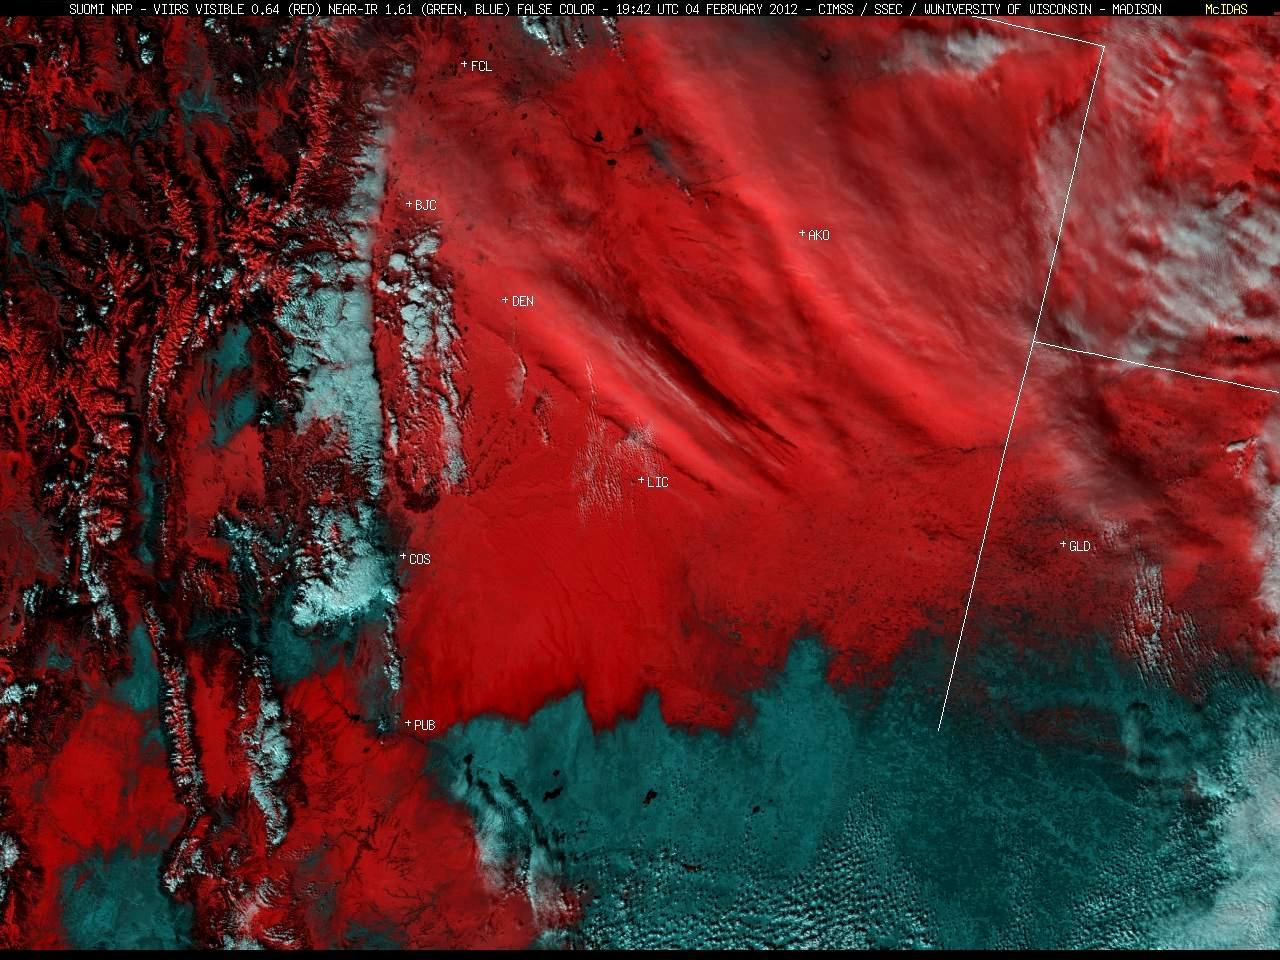 Suomi NPP VIIRS false-color image (northeastern Colorado)